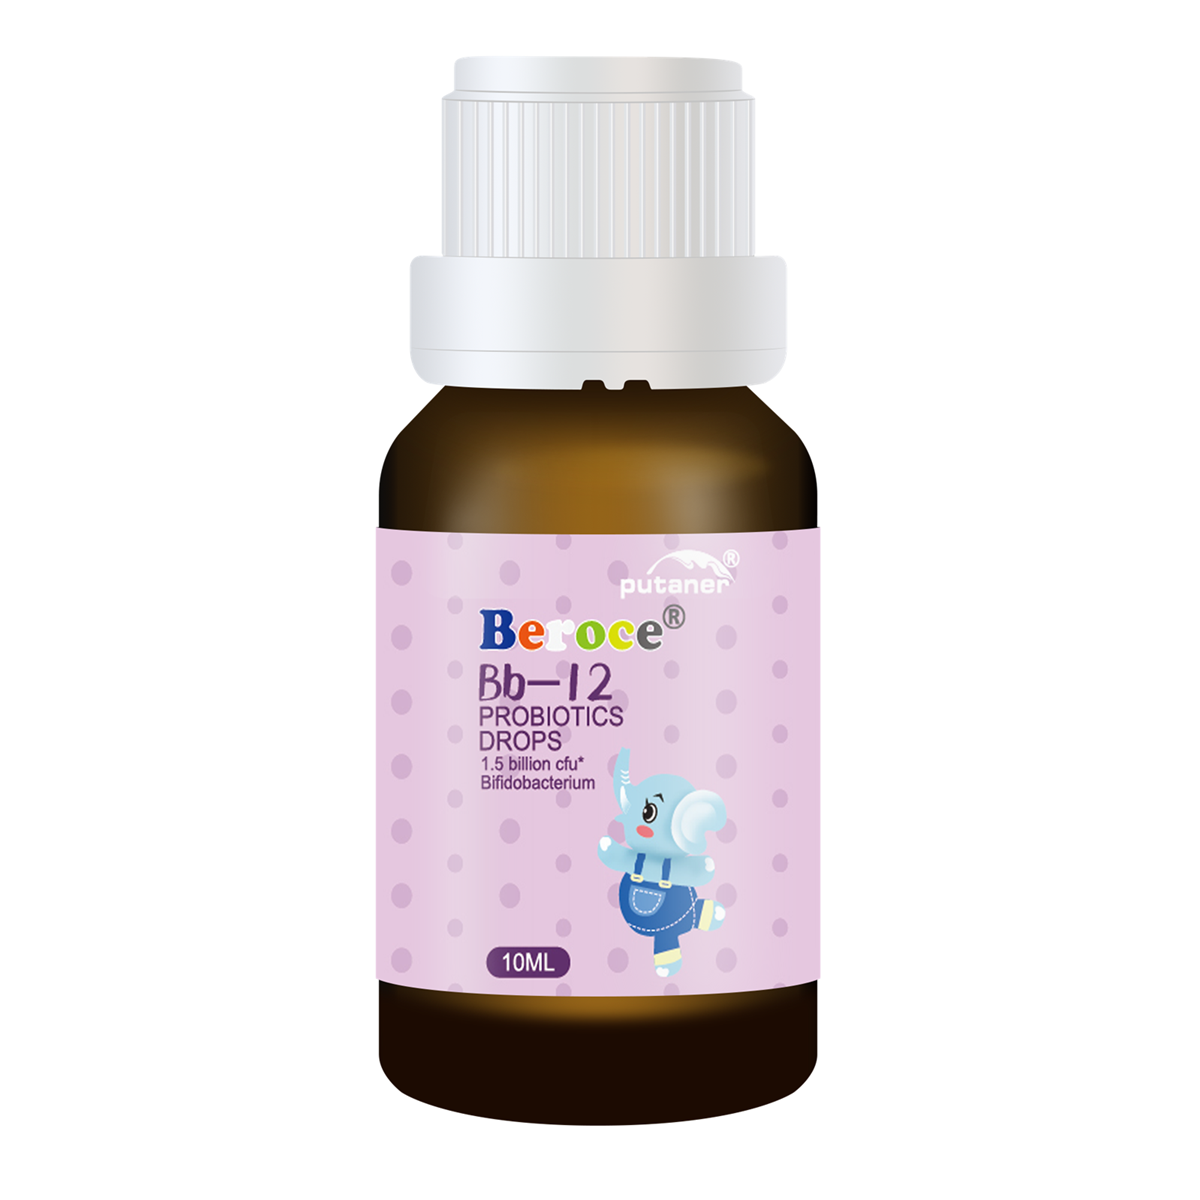 班蘭喜動物雙歧桿菌Bb-12益生菌滴劑